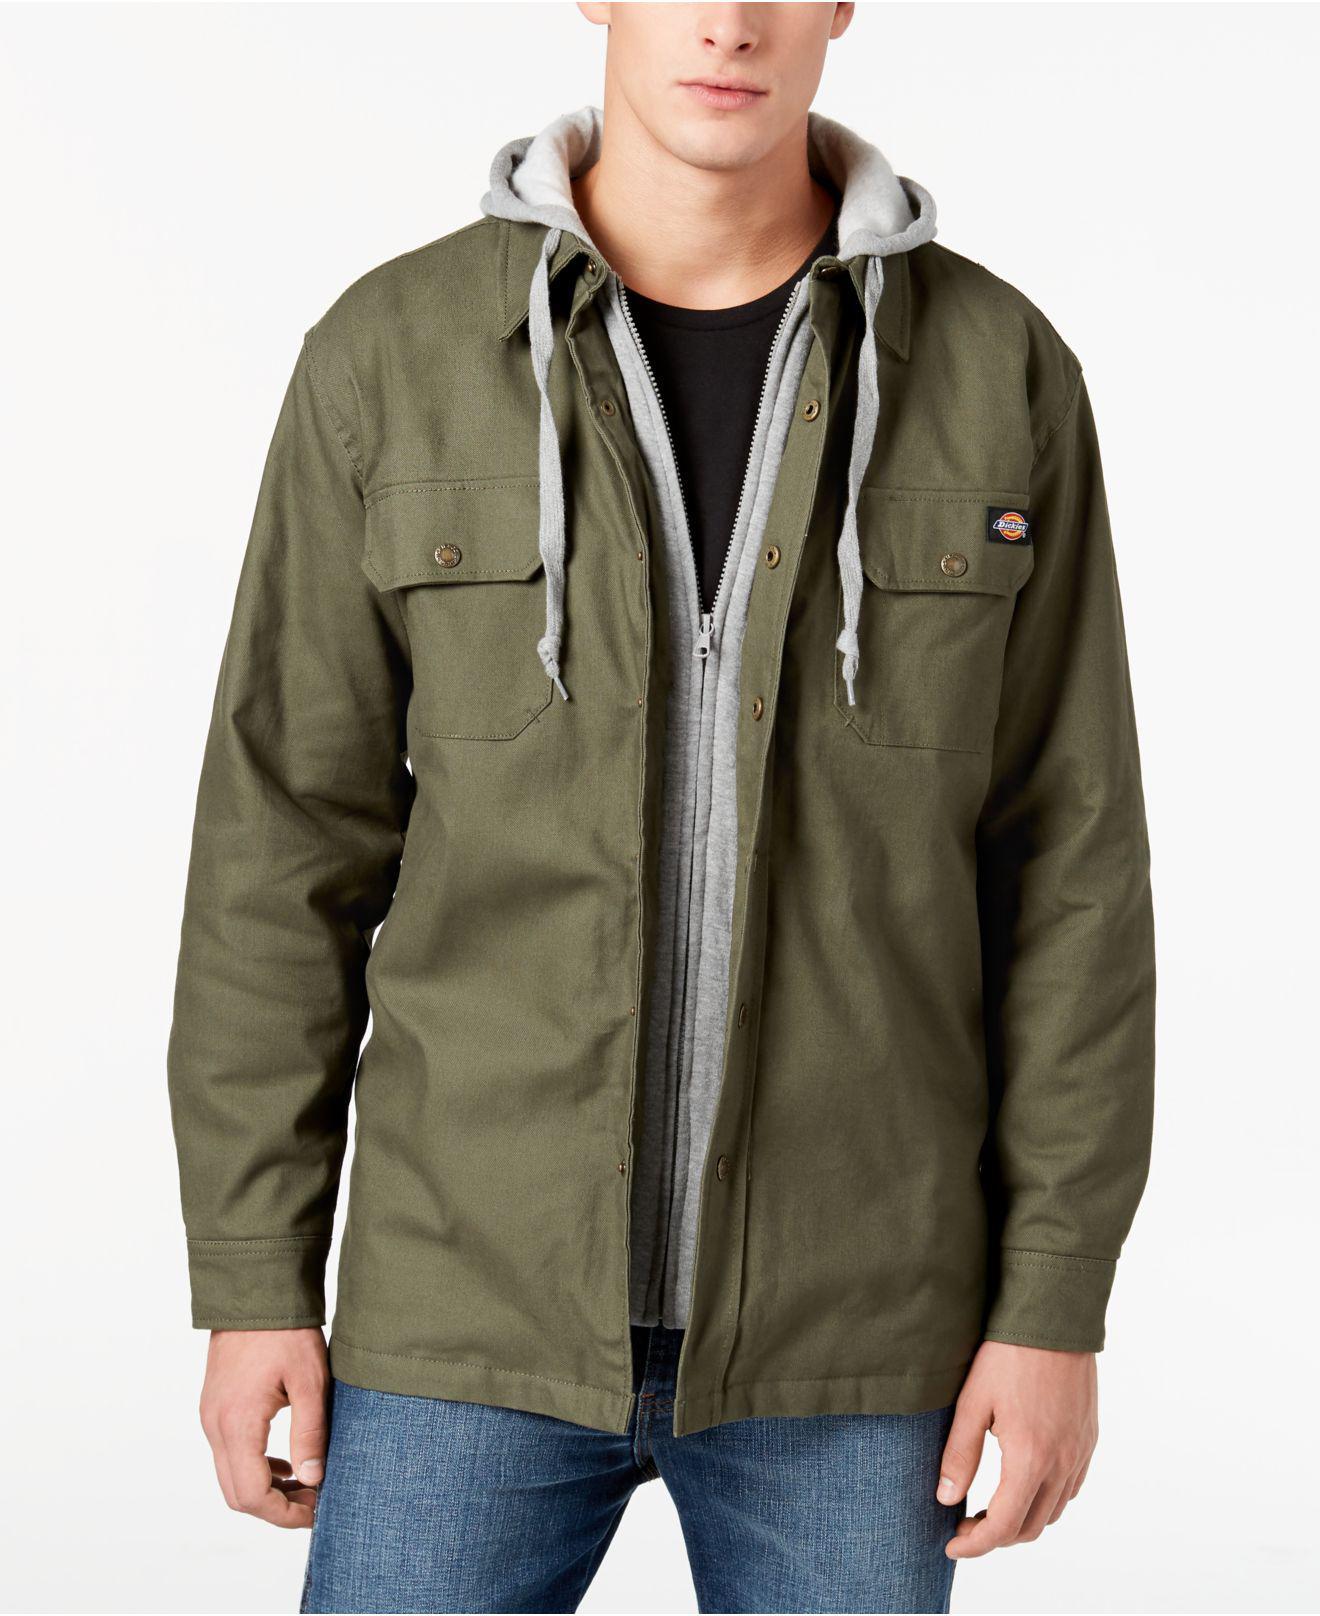 Dickies Fleece Men's Quilted Shirt Jacket in Light Sage ...